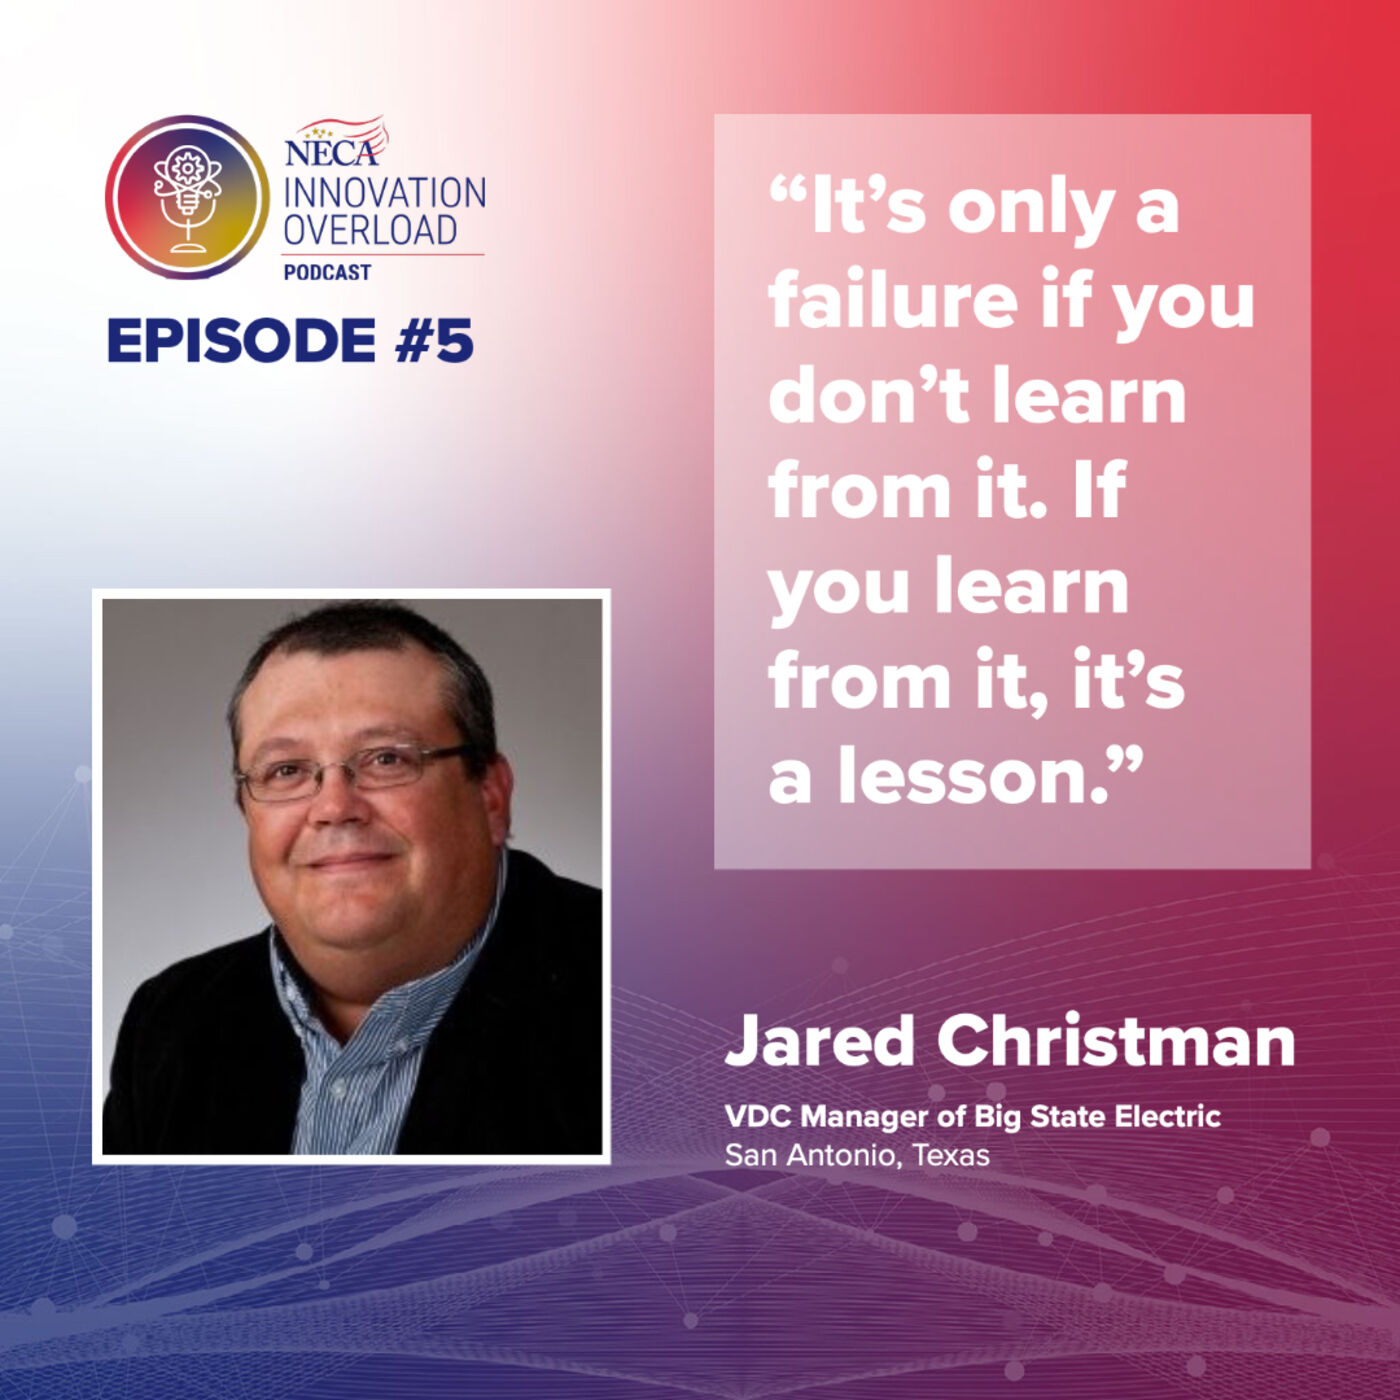 #5 - Jared Christman